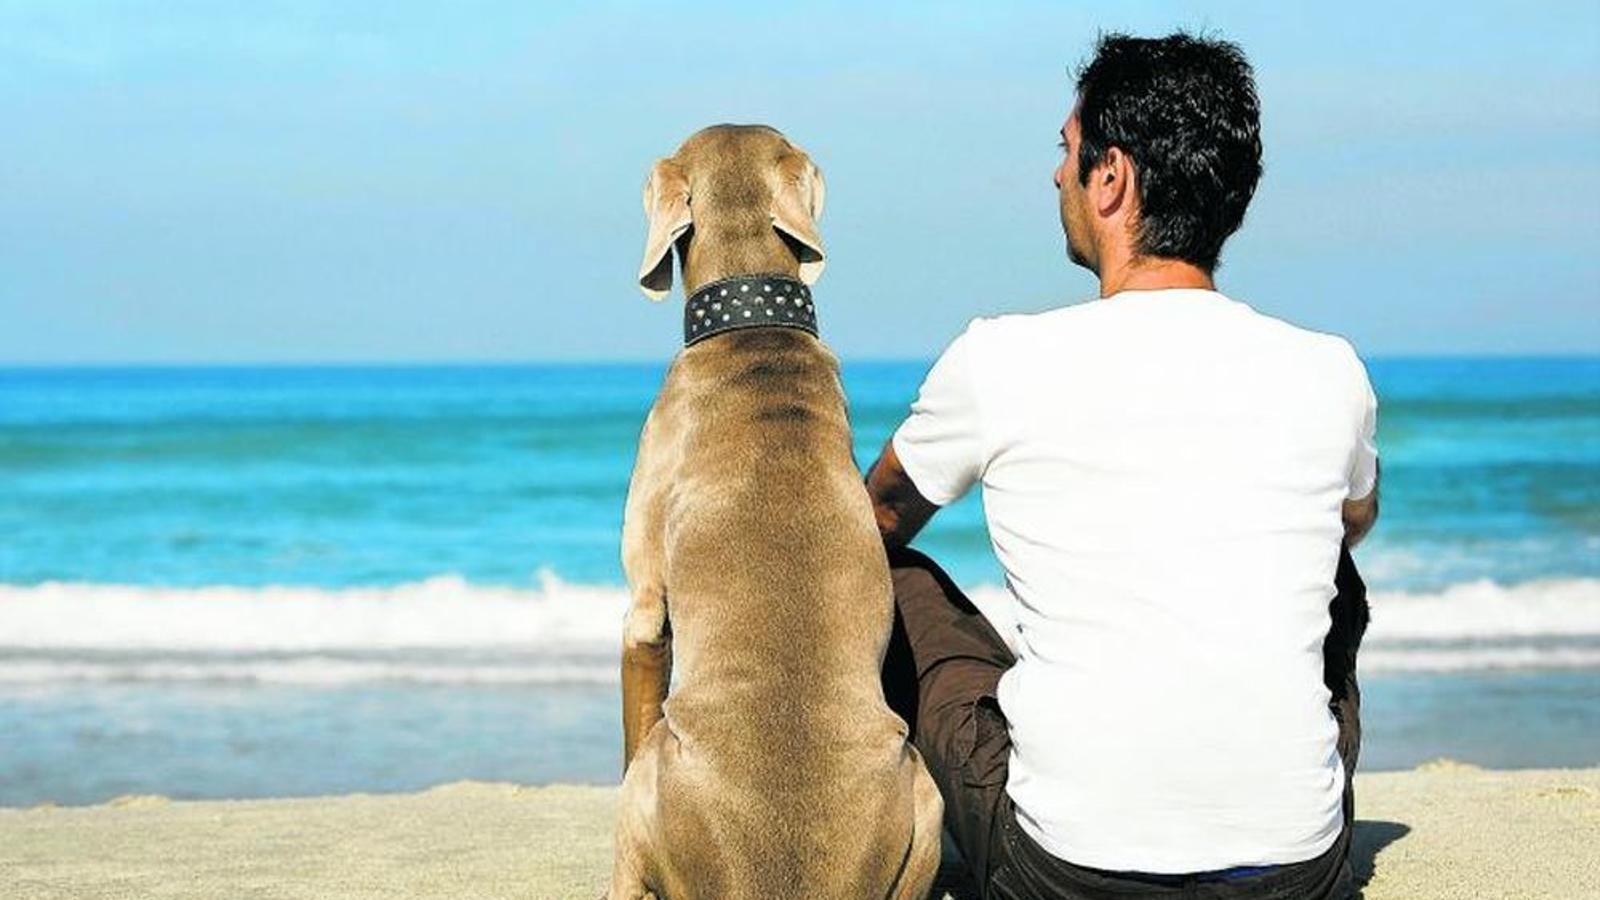 Ca i el seu amo a la platja